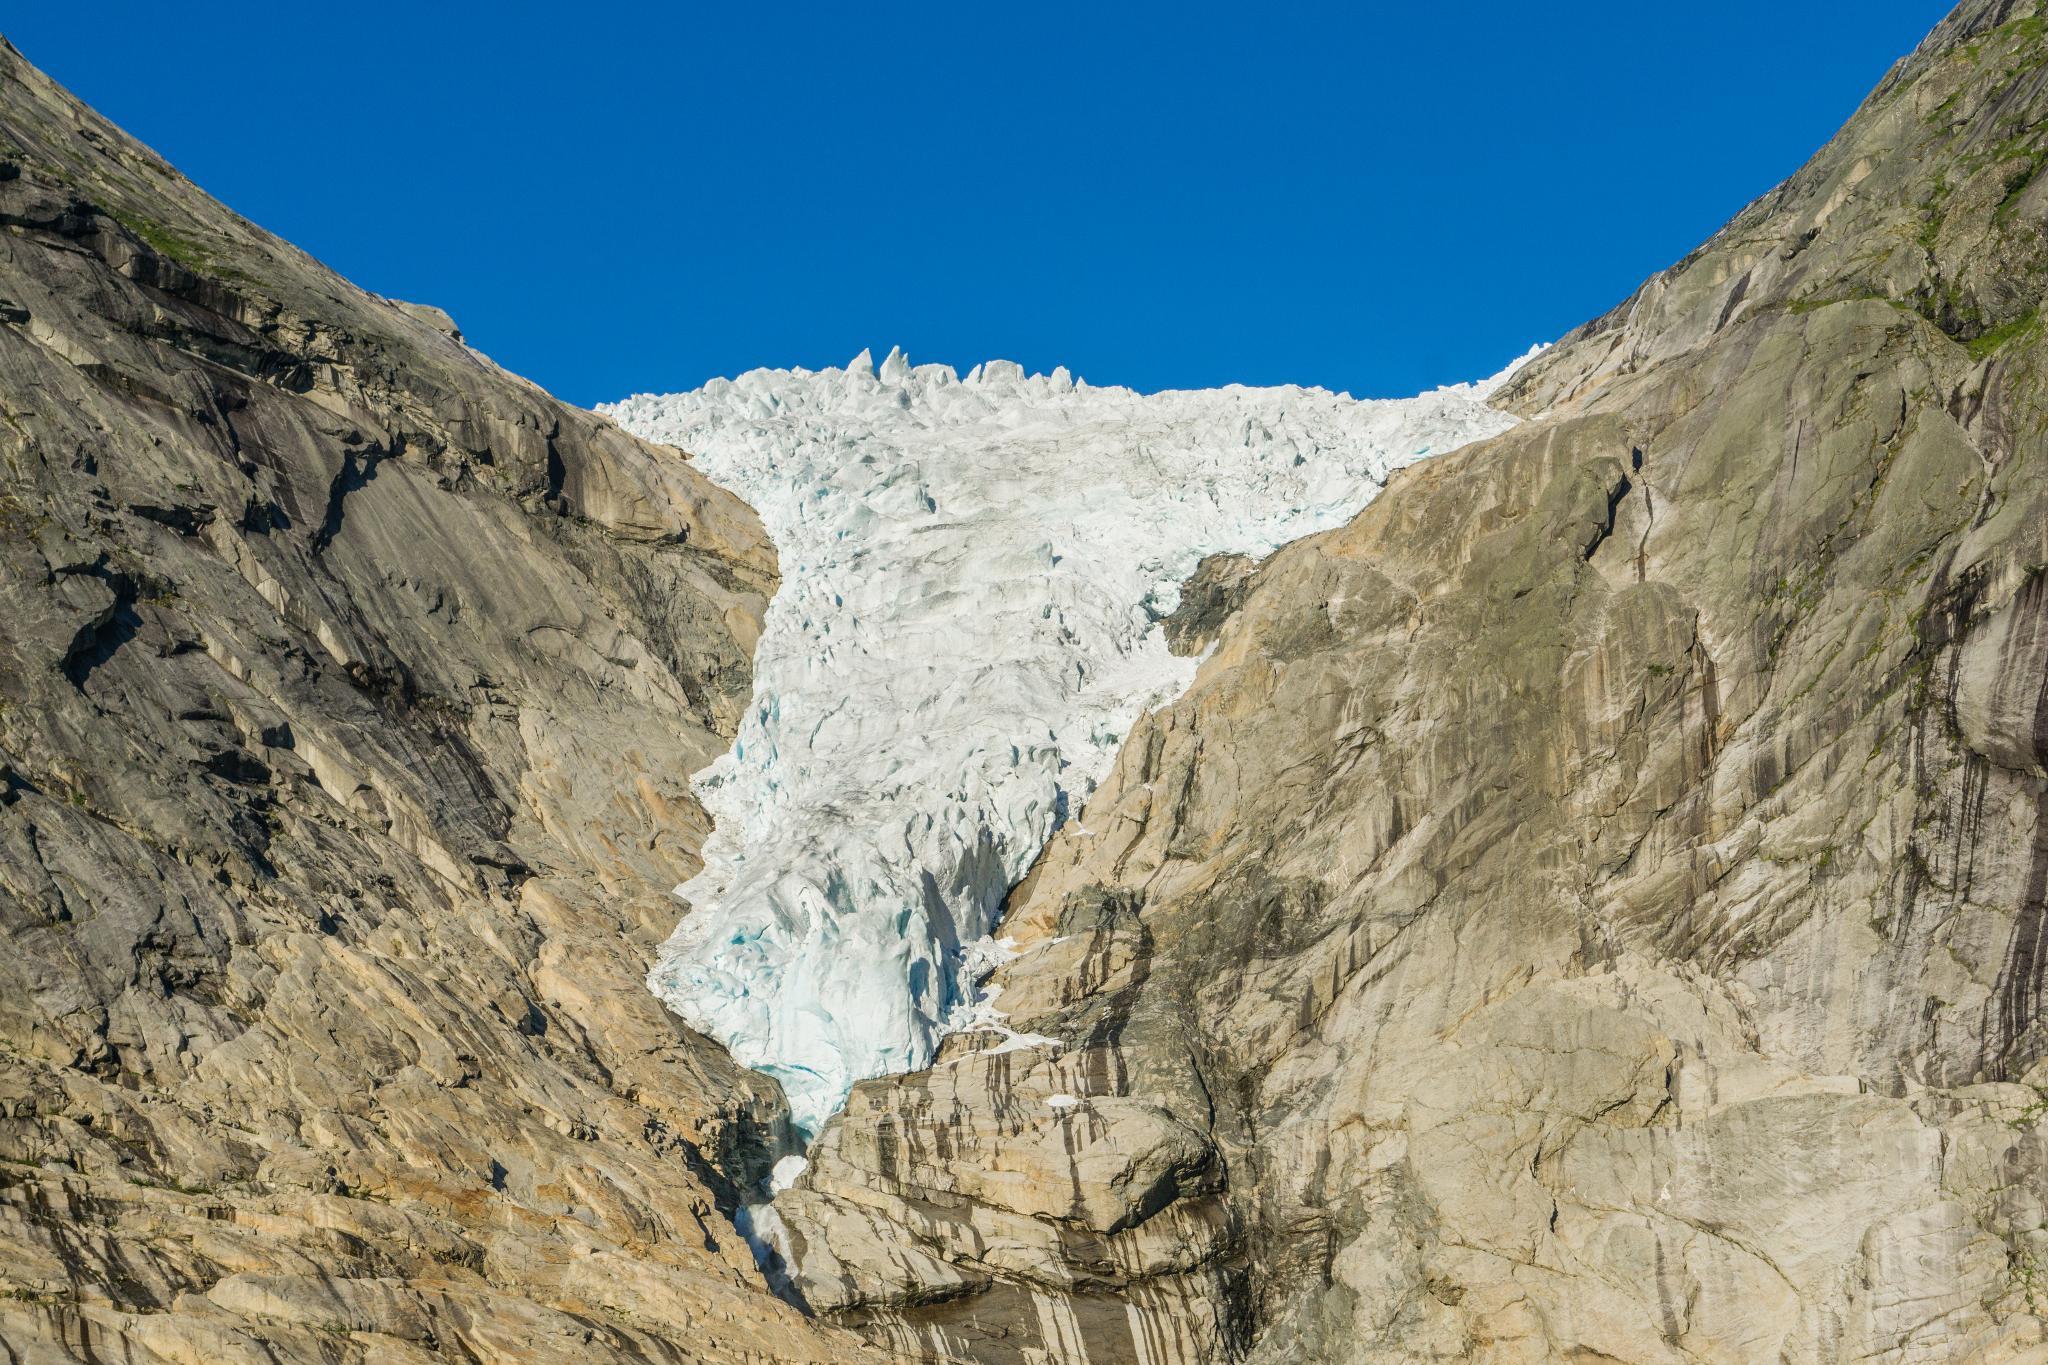 【北歐景點】挪威散步看冰川 – Briksdal Glacier 逐漸消融的冰河哀愁